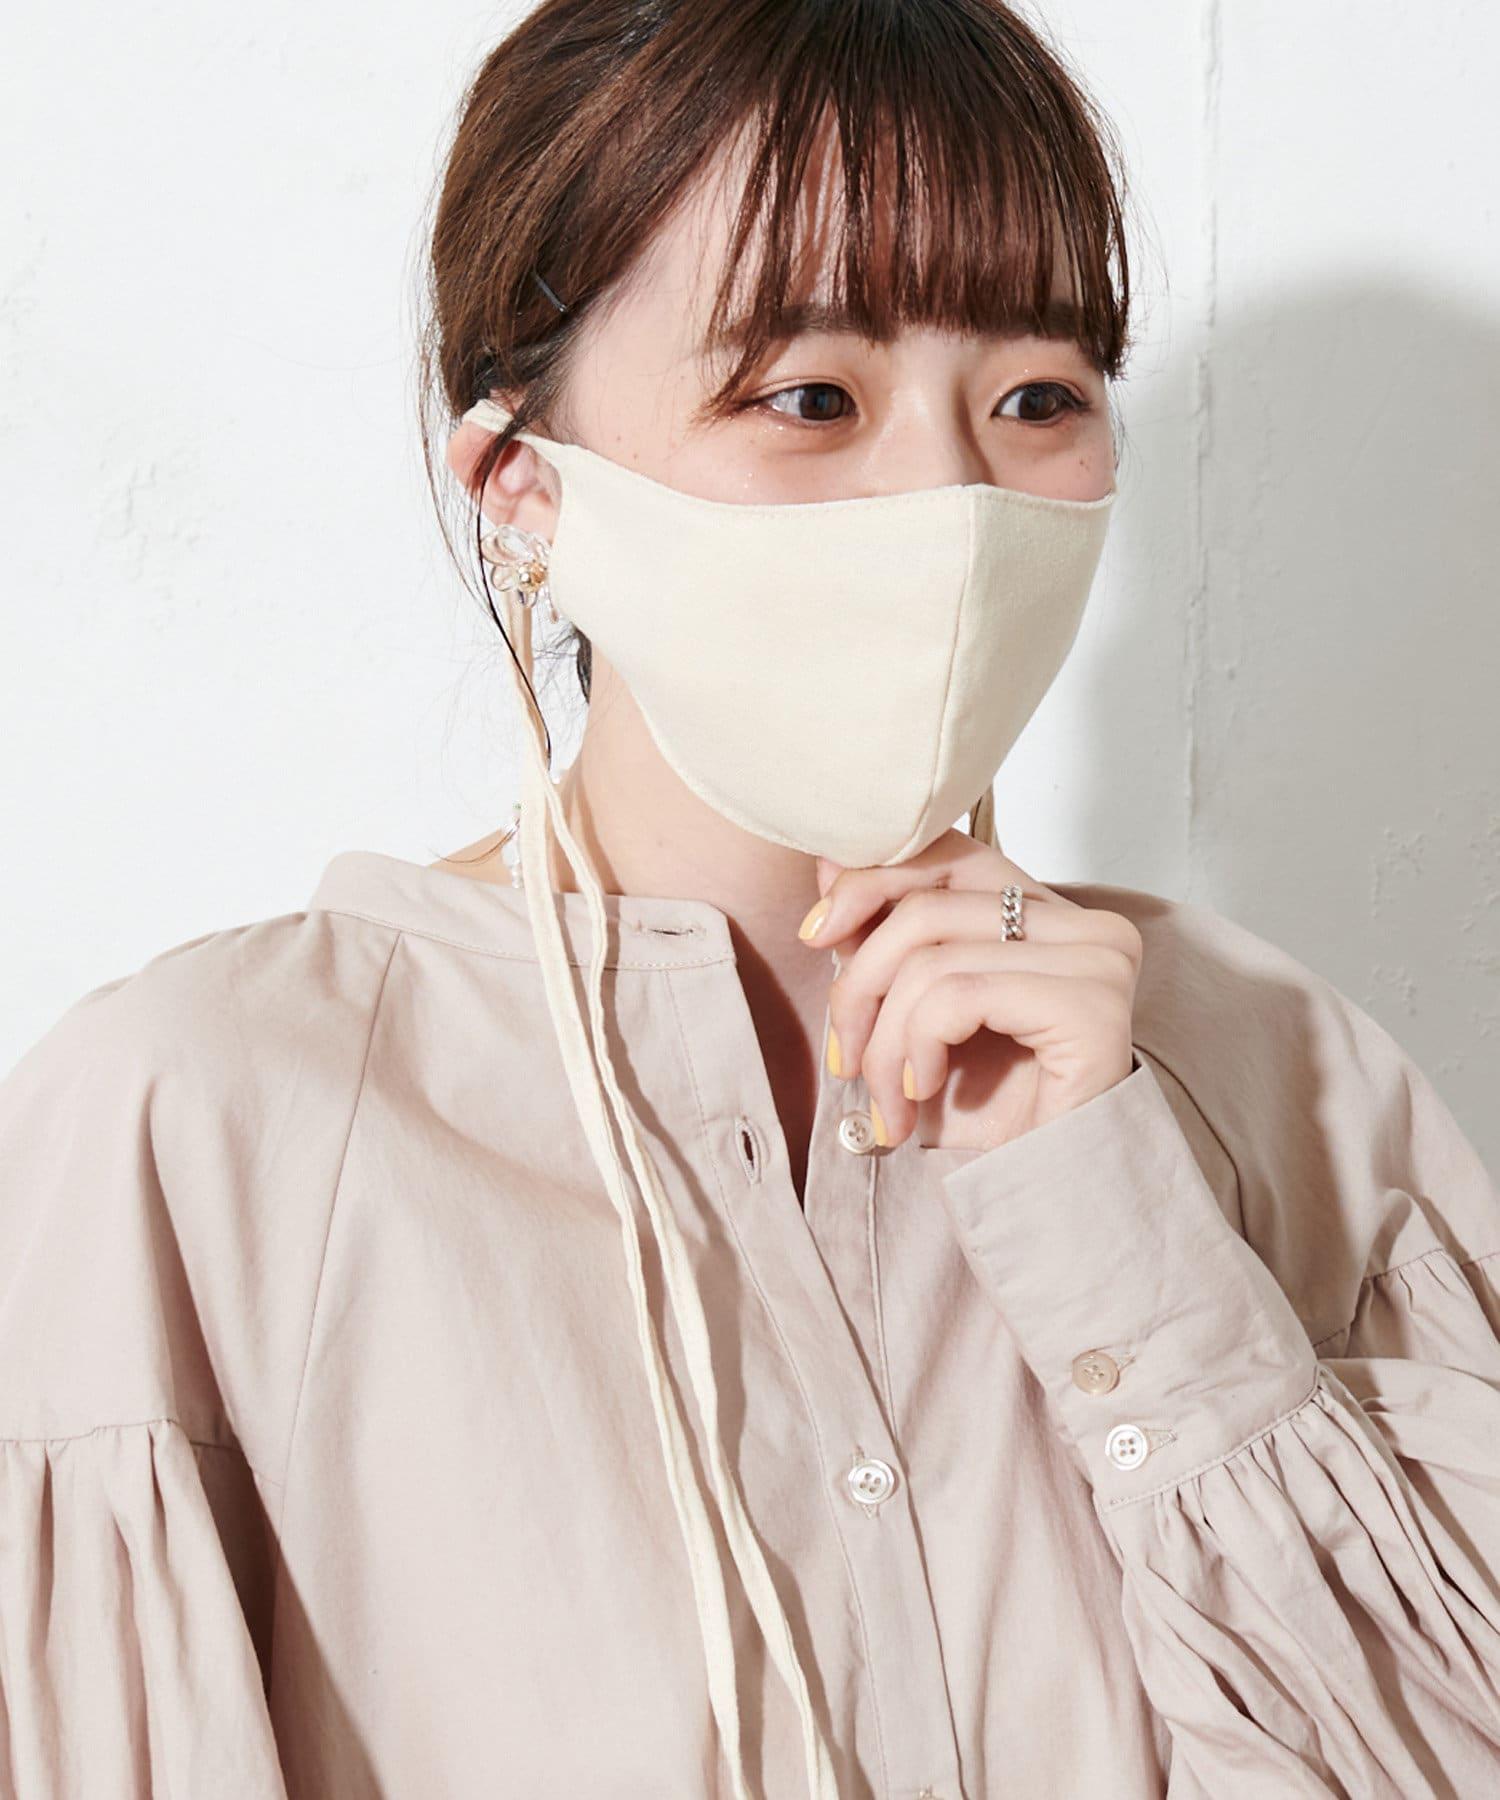 OUTLET(アウトレット) レディース 【Discoat】【抗菌消臭】リボンストラップマスク アイボリー